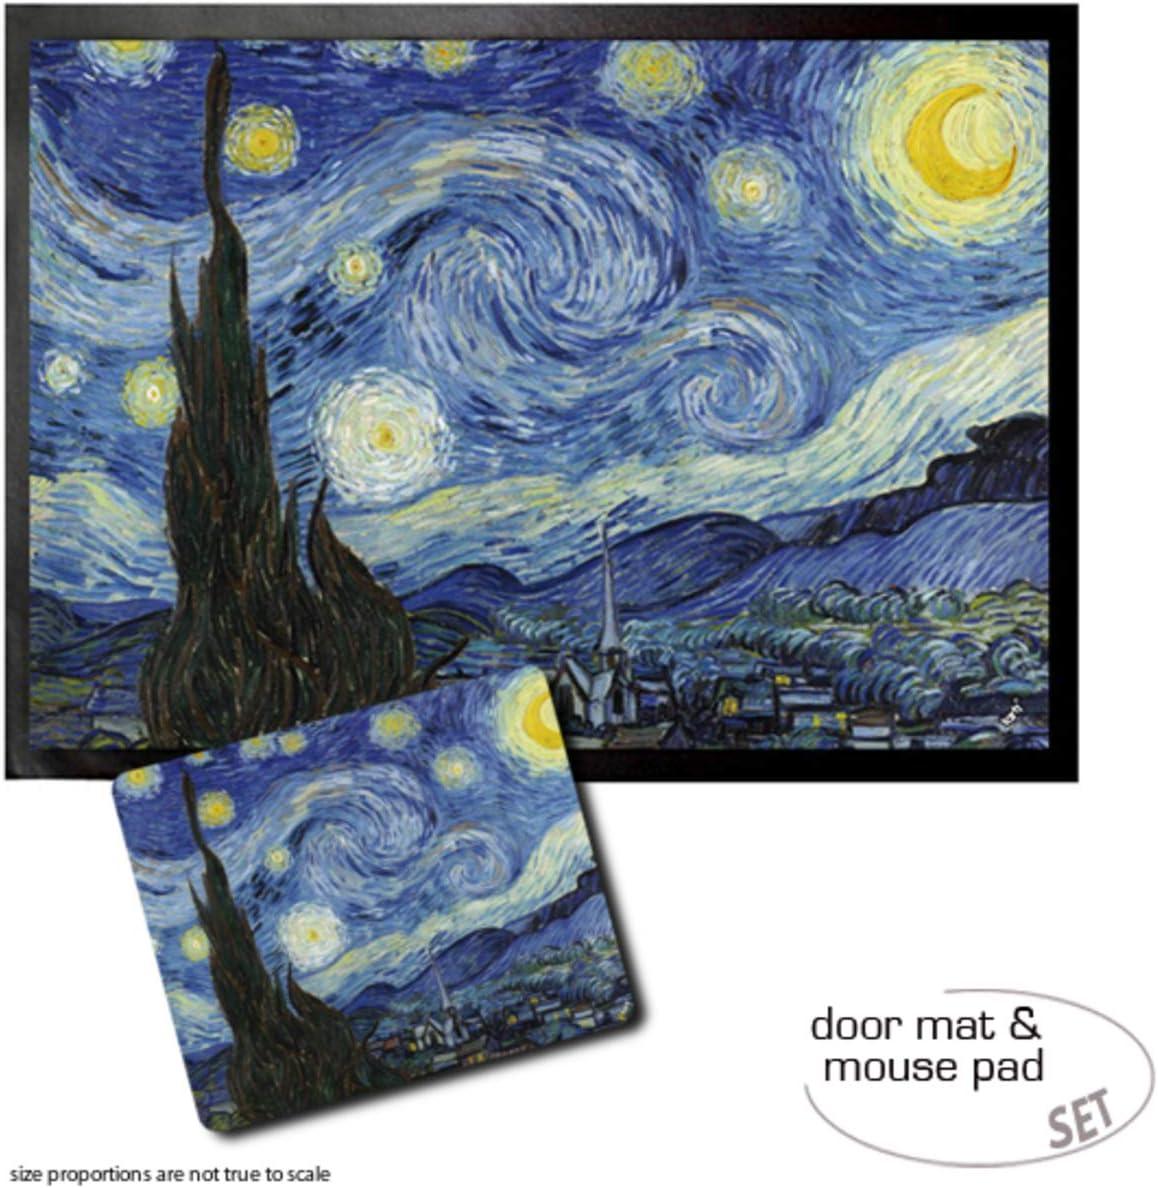 1art1 Vincent Van Gogh Die Sternennacht 1889 Fußmatte Innenbereich Und Außenbereich Design Türmatte 70x50 Cm Mauspad 23x19 Cm Geschenkset Küche Haushalt